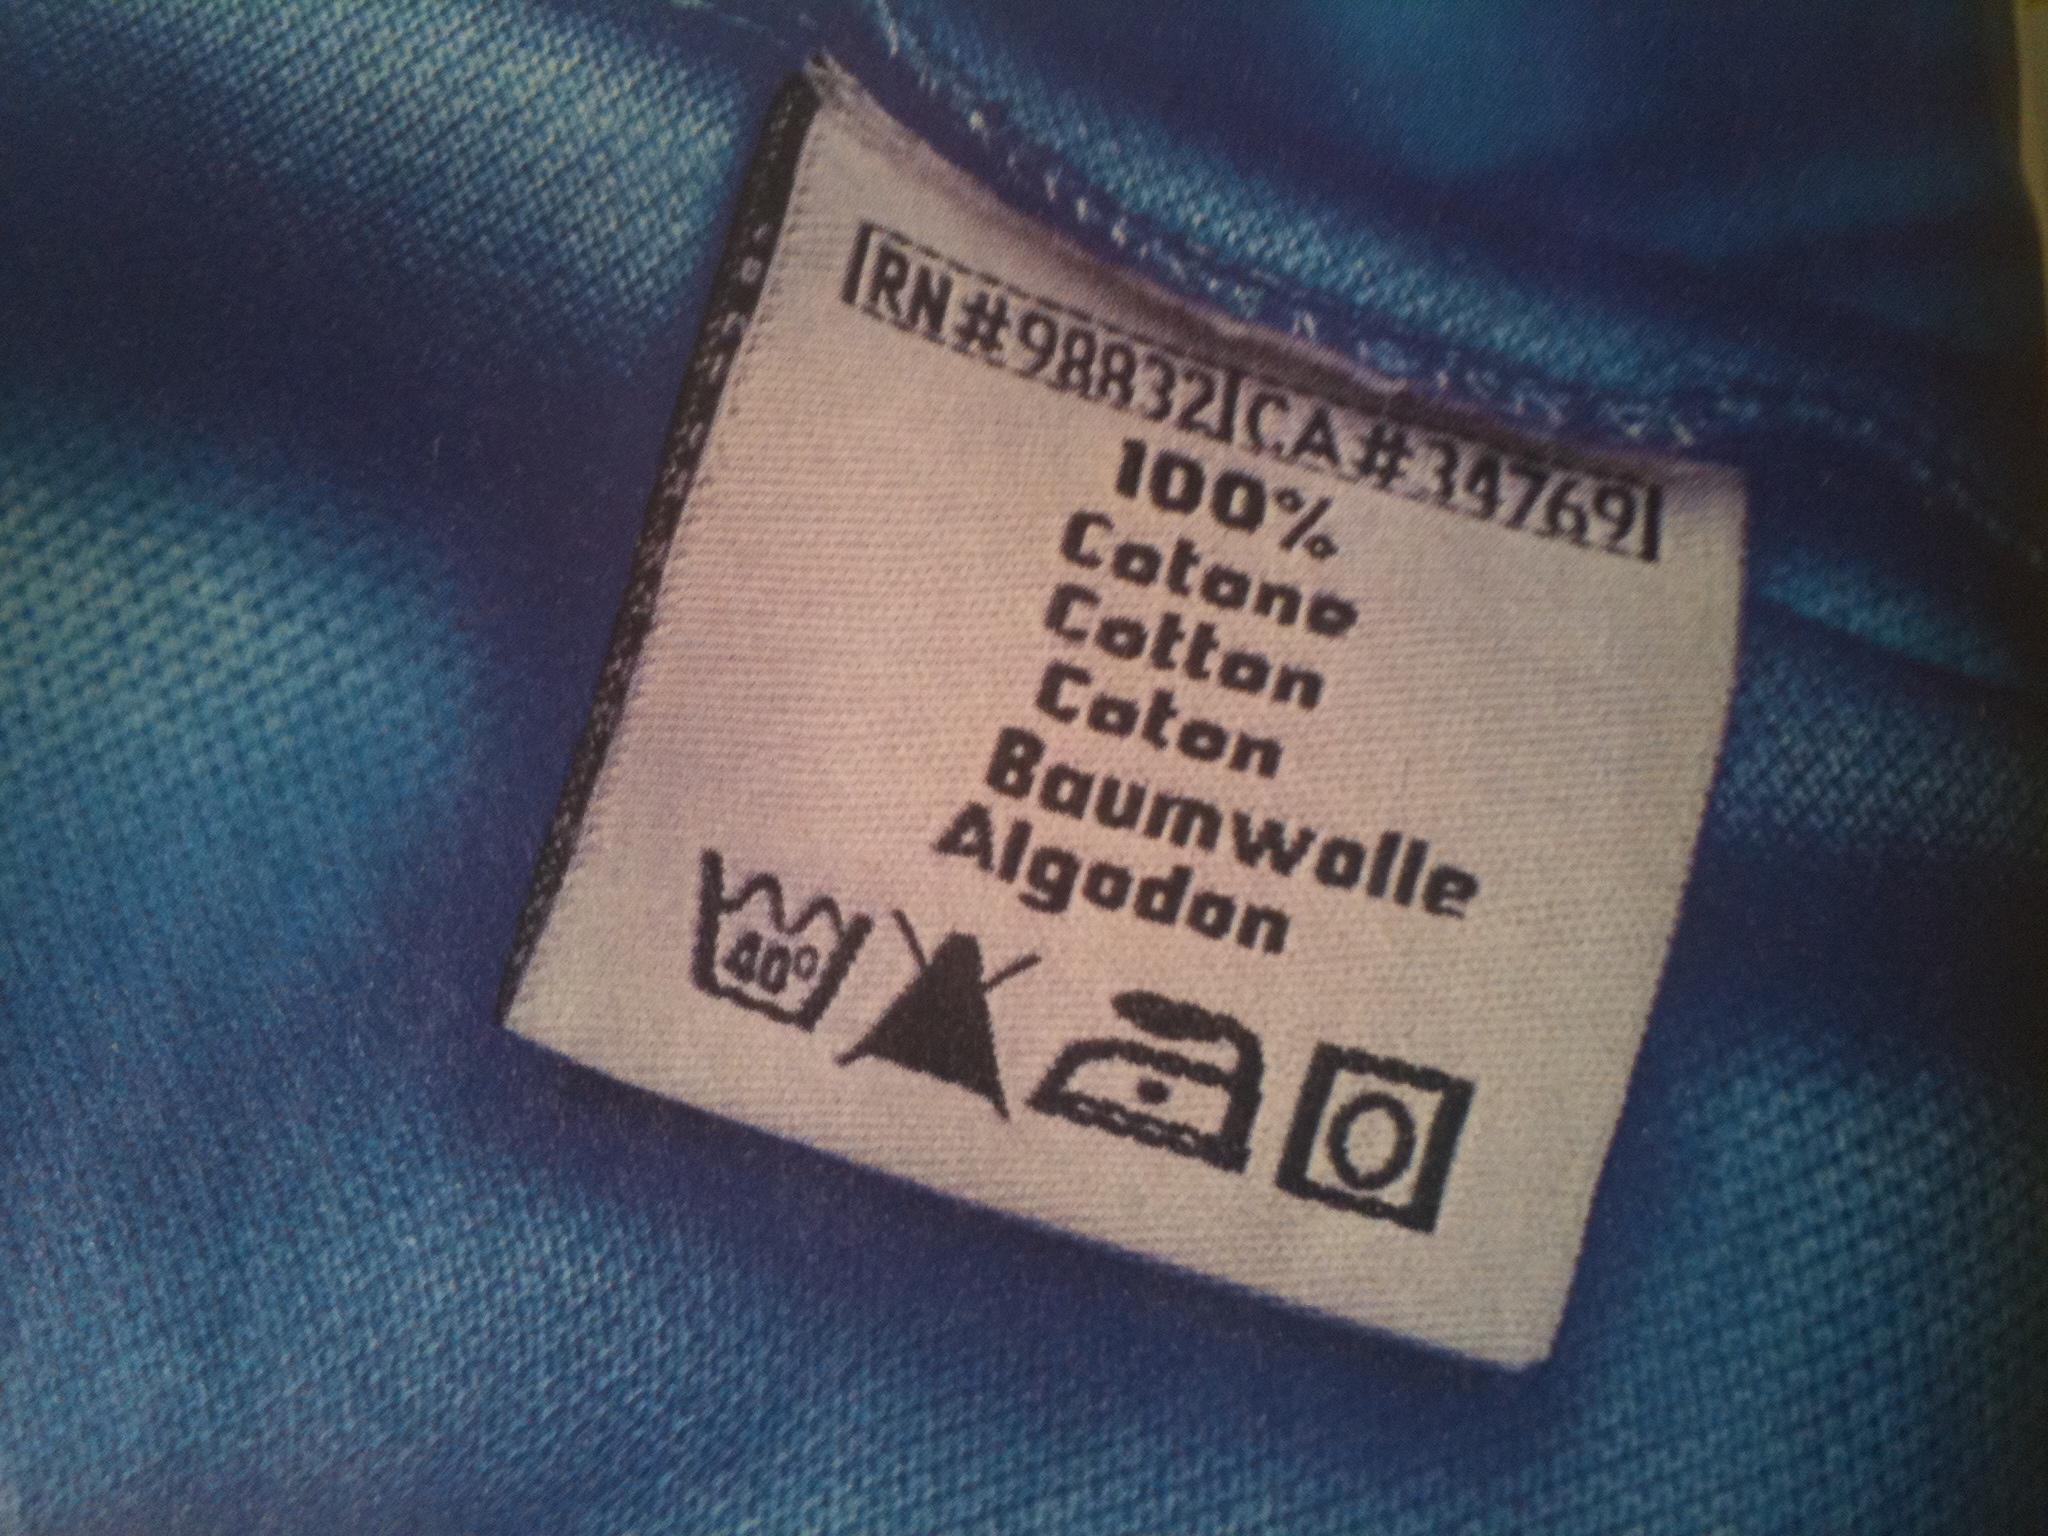 Come leggere etichetta sui vestiti